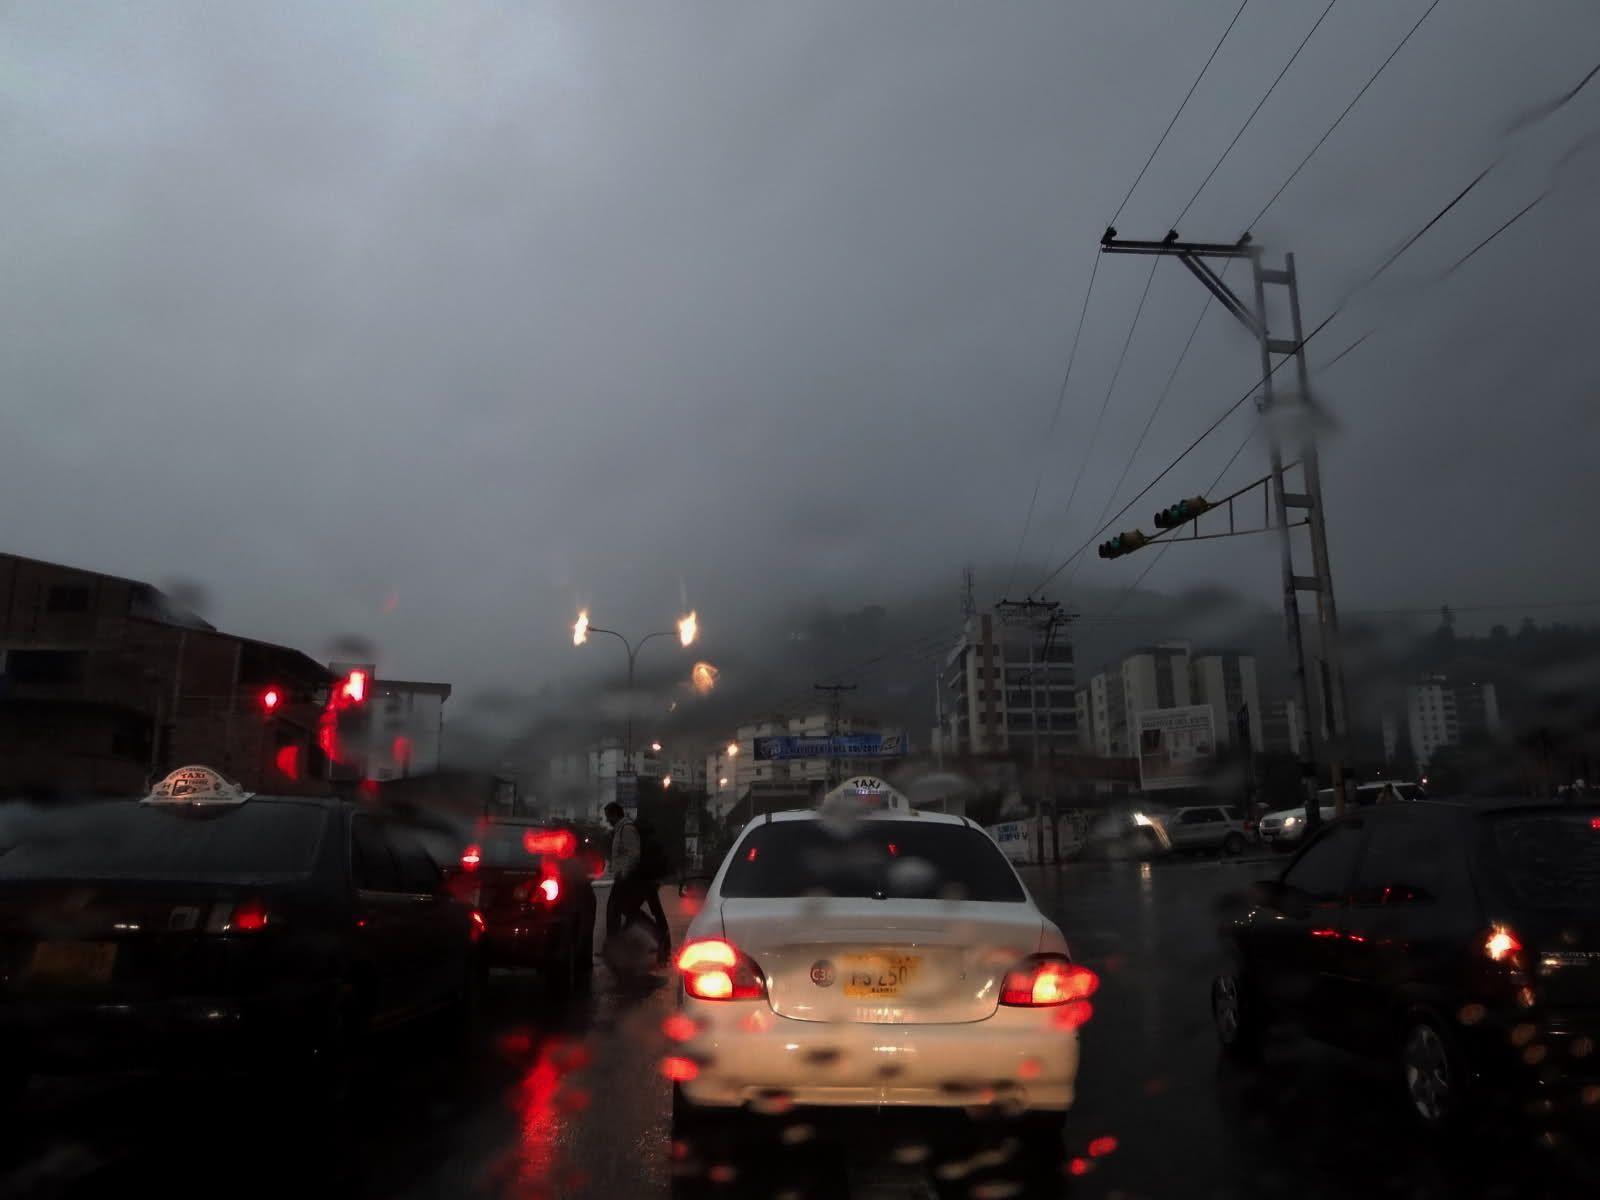 FOTO DOS Así fue el día de hoy en #Merida #Venezuela y parece que la noche tambien